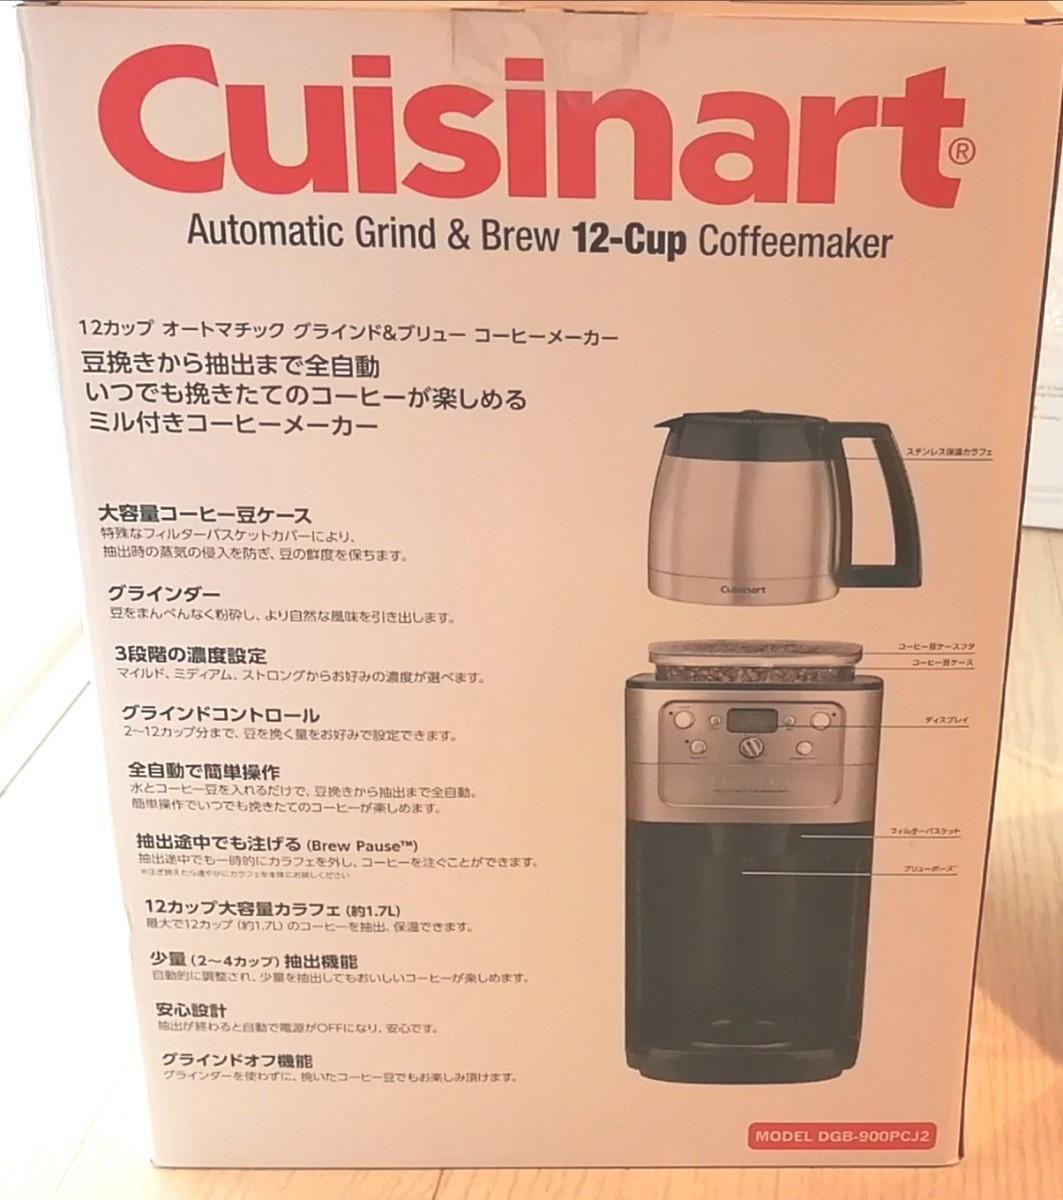 cuisinart オートマチック グラインド&ブリュー コーヒーメーカー 送料無料 クイジナート 全自動コーヒーメーカー